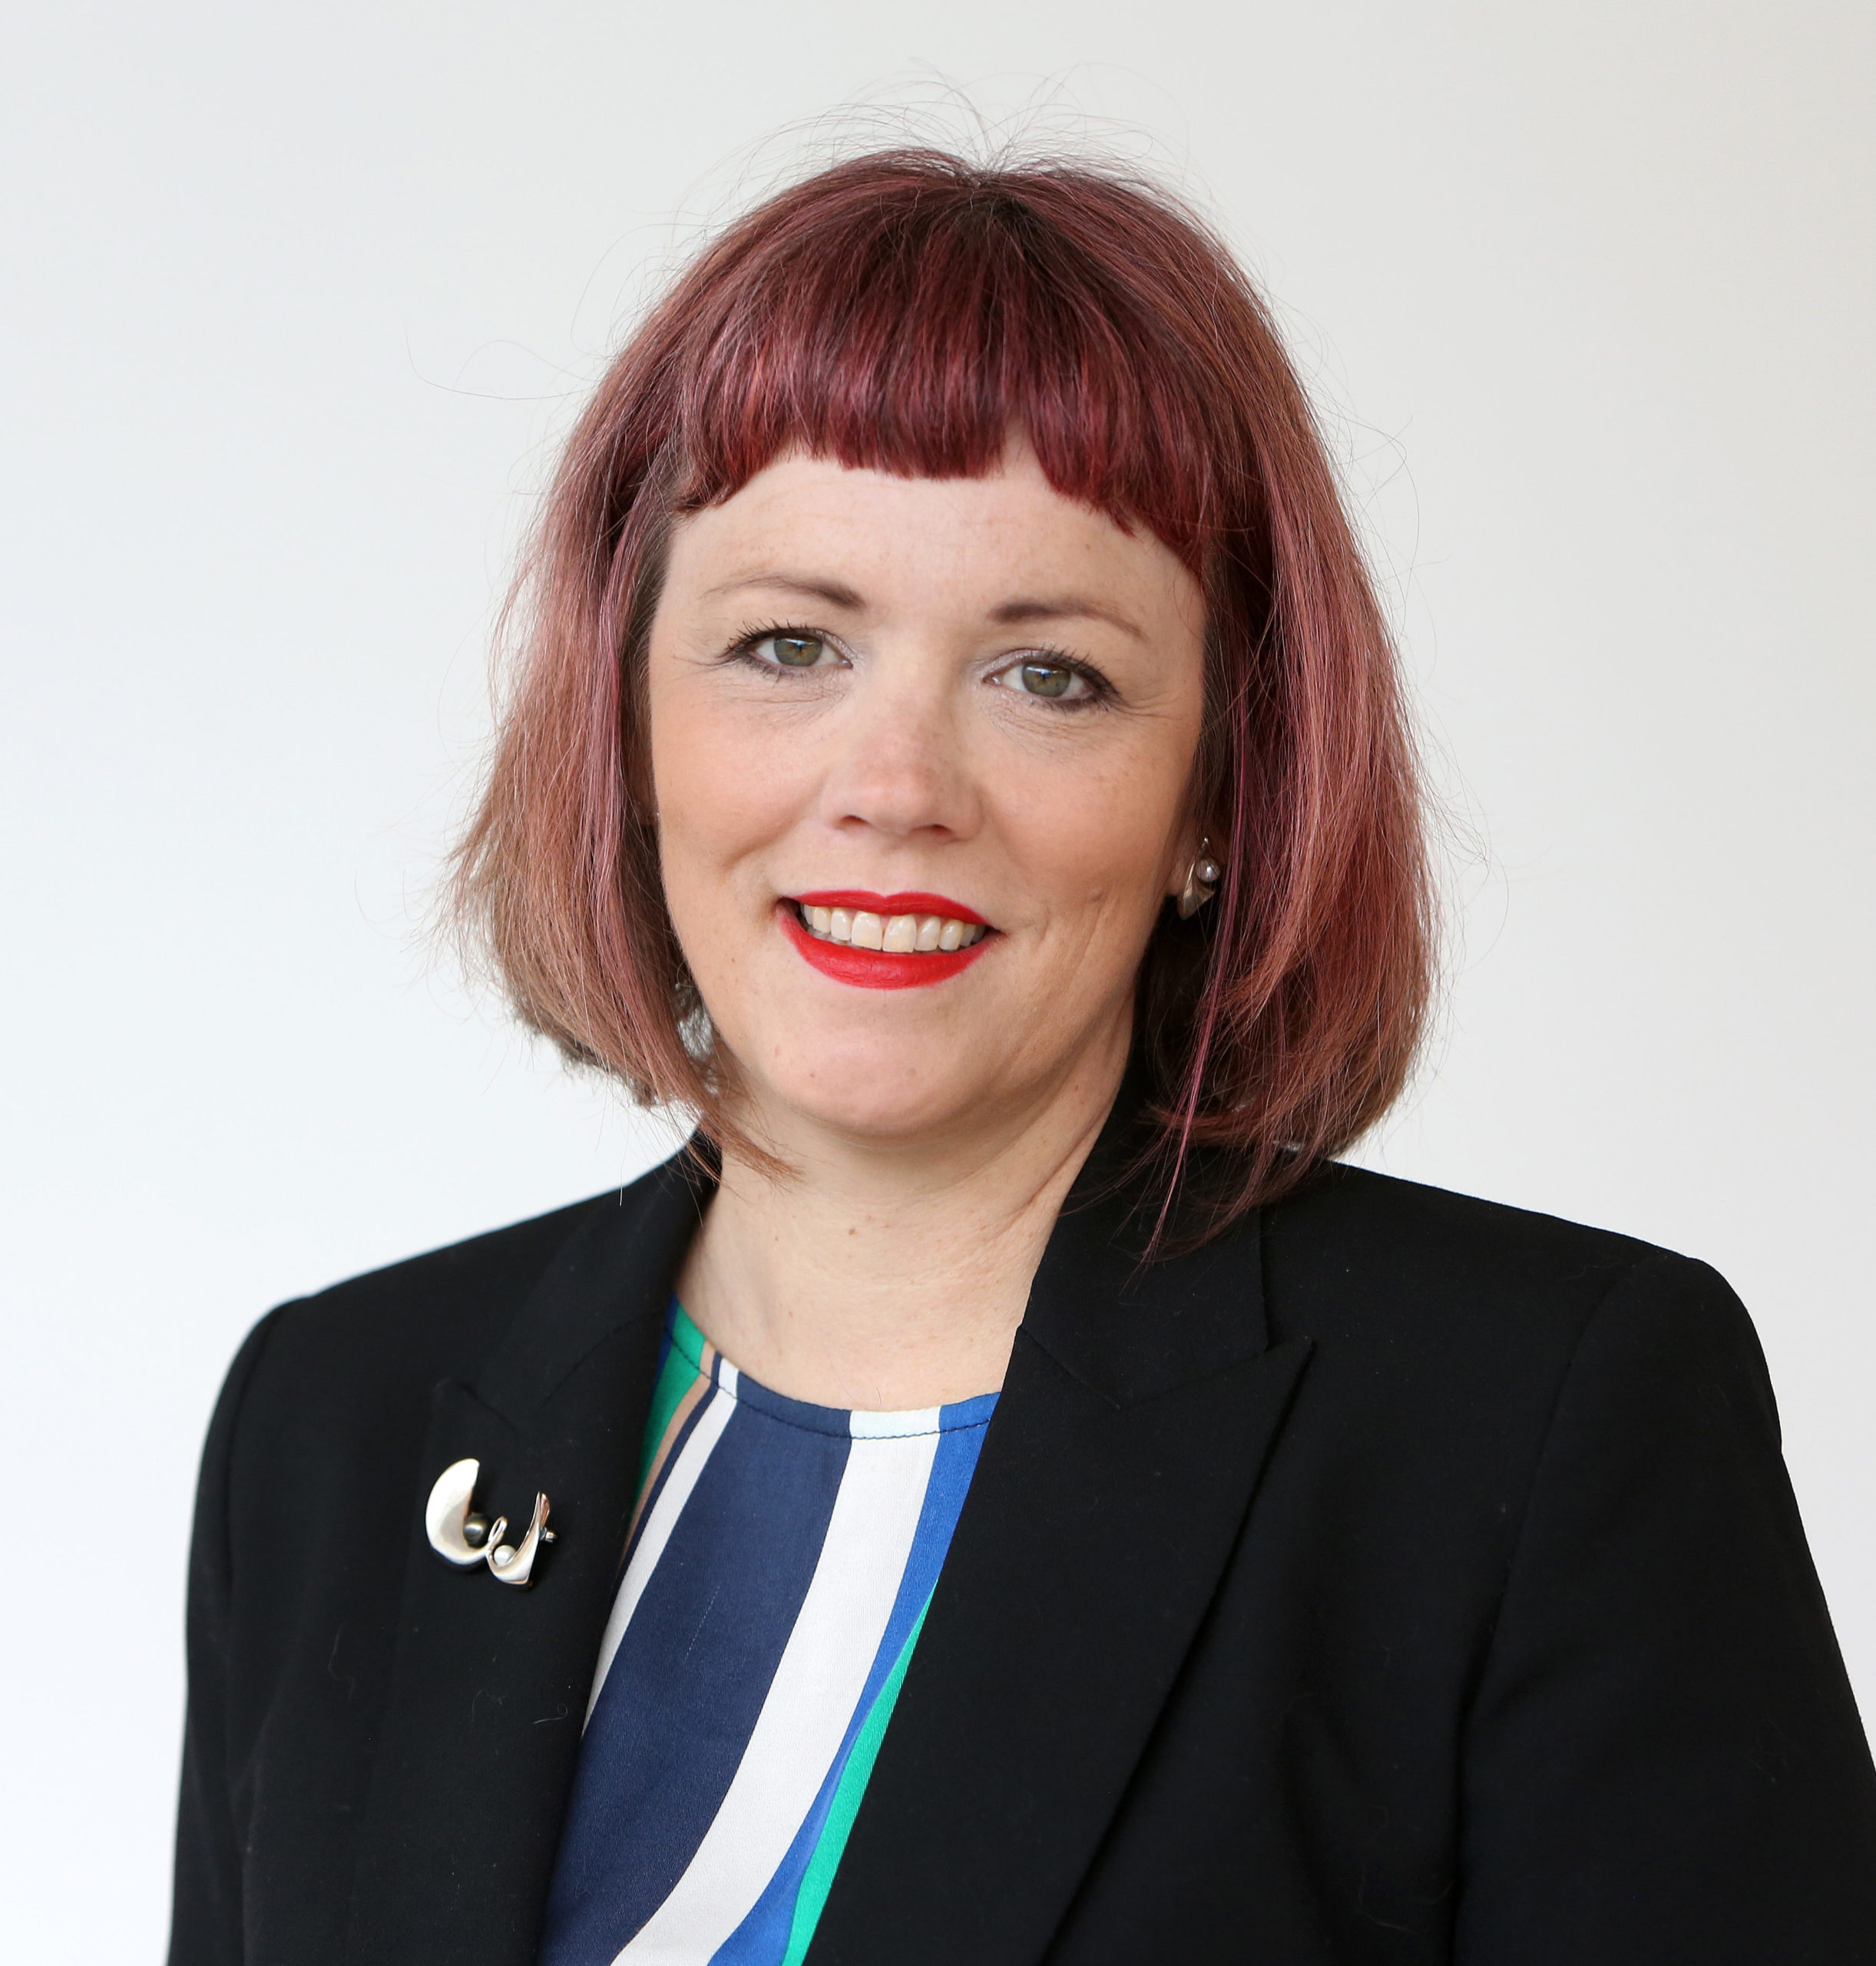 Pia Sundell